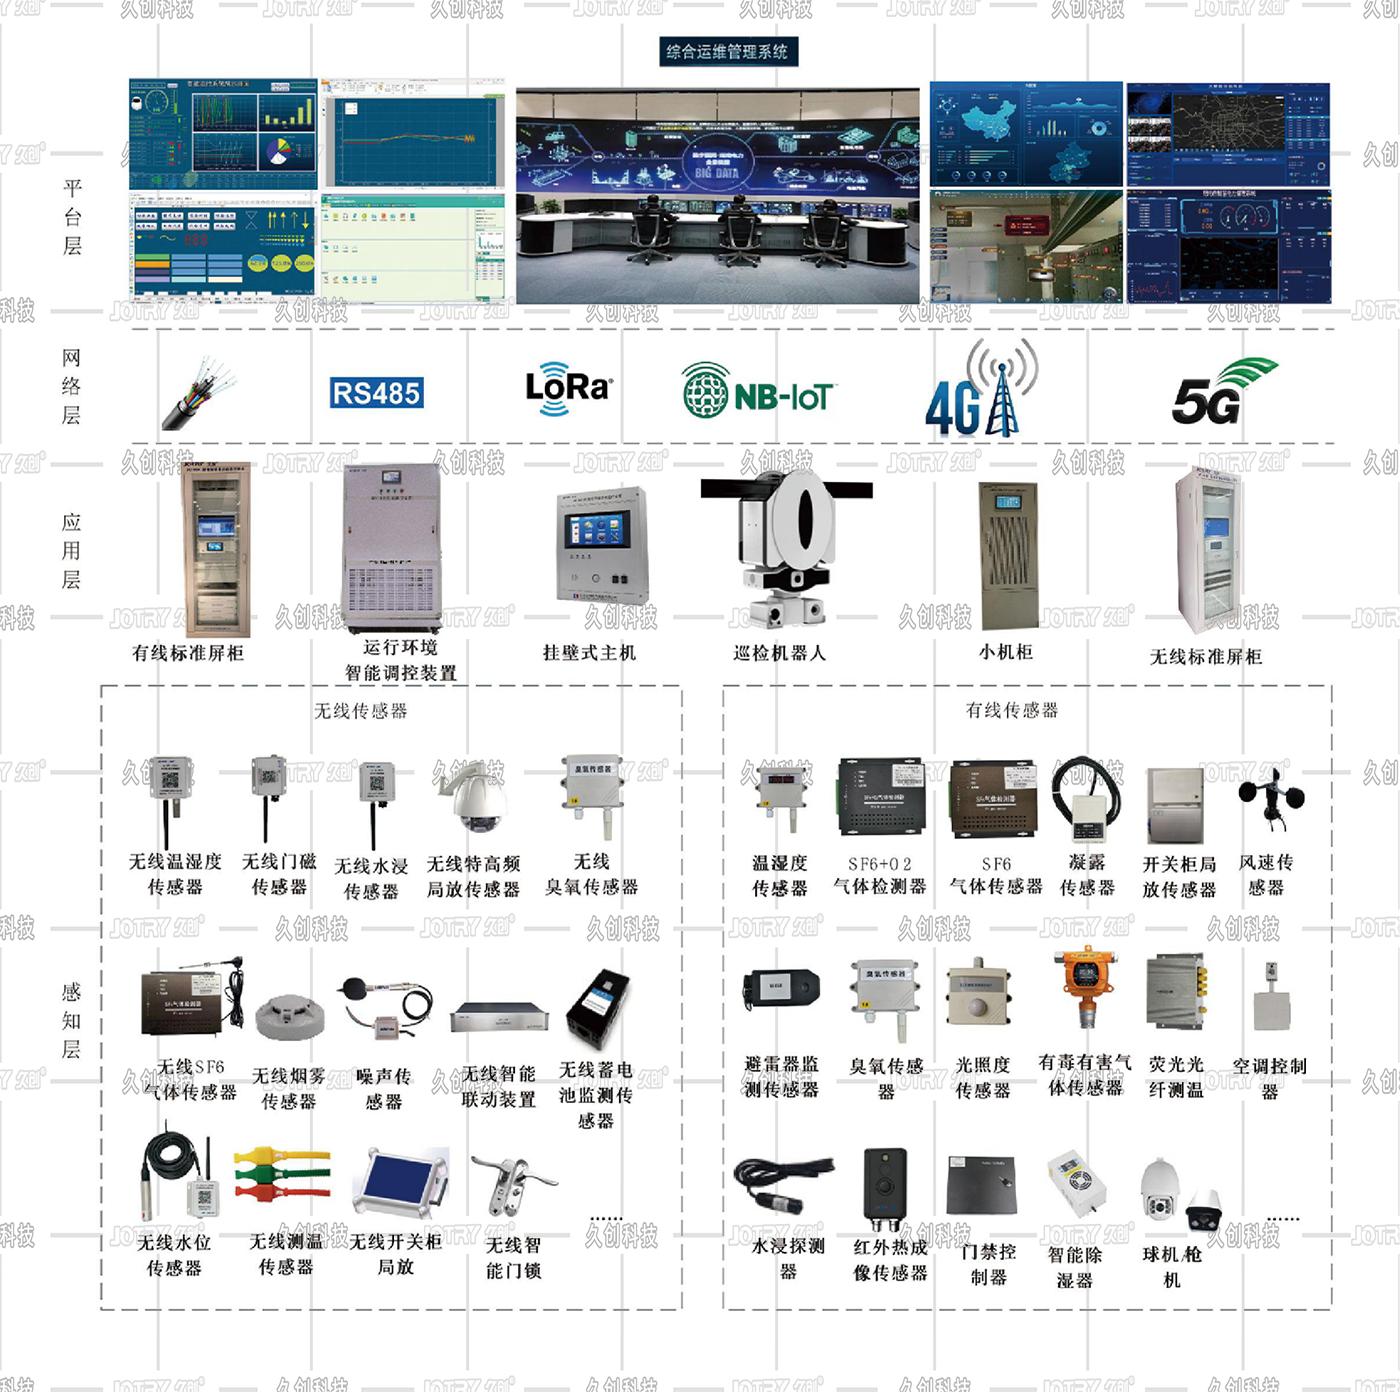 系统架构图1.png